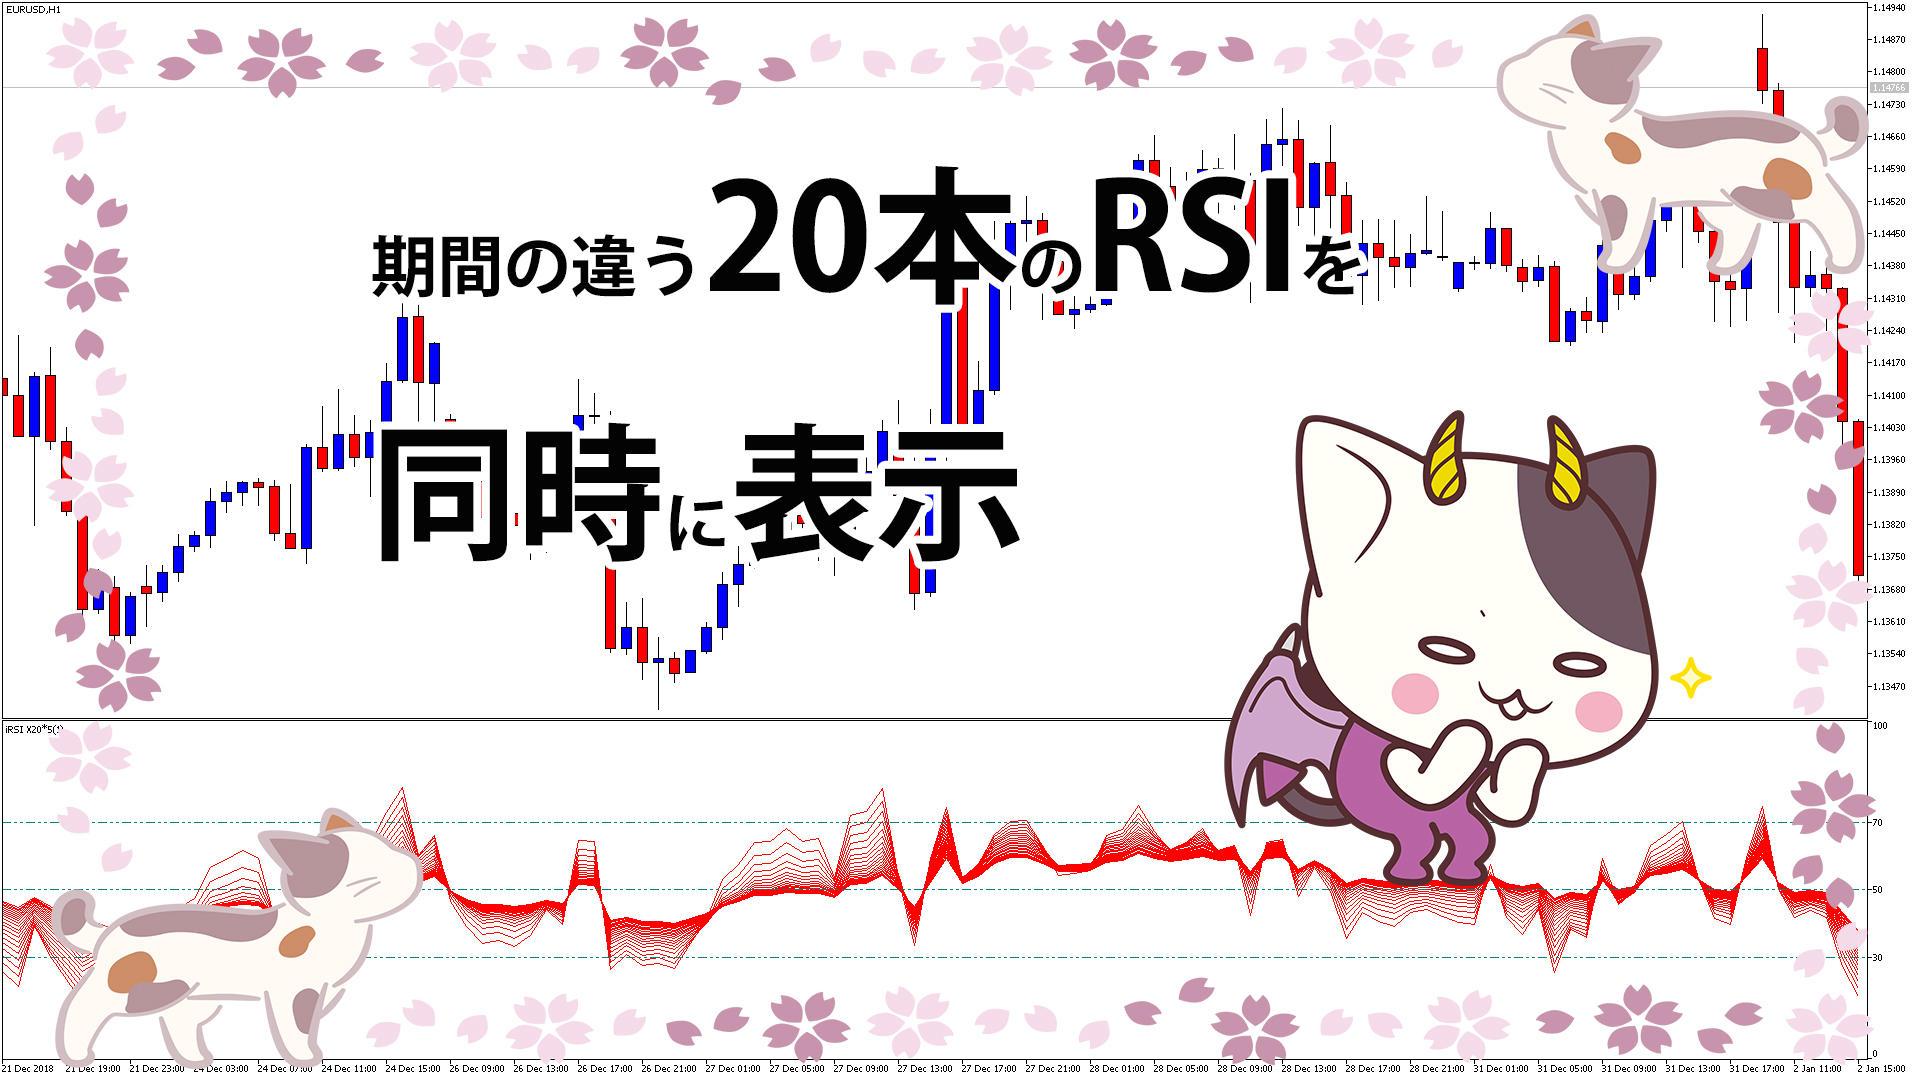 期間の違うRSIを20本同時に表示するMT5インジケーター「RSI_X20」